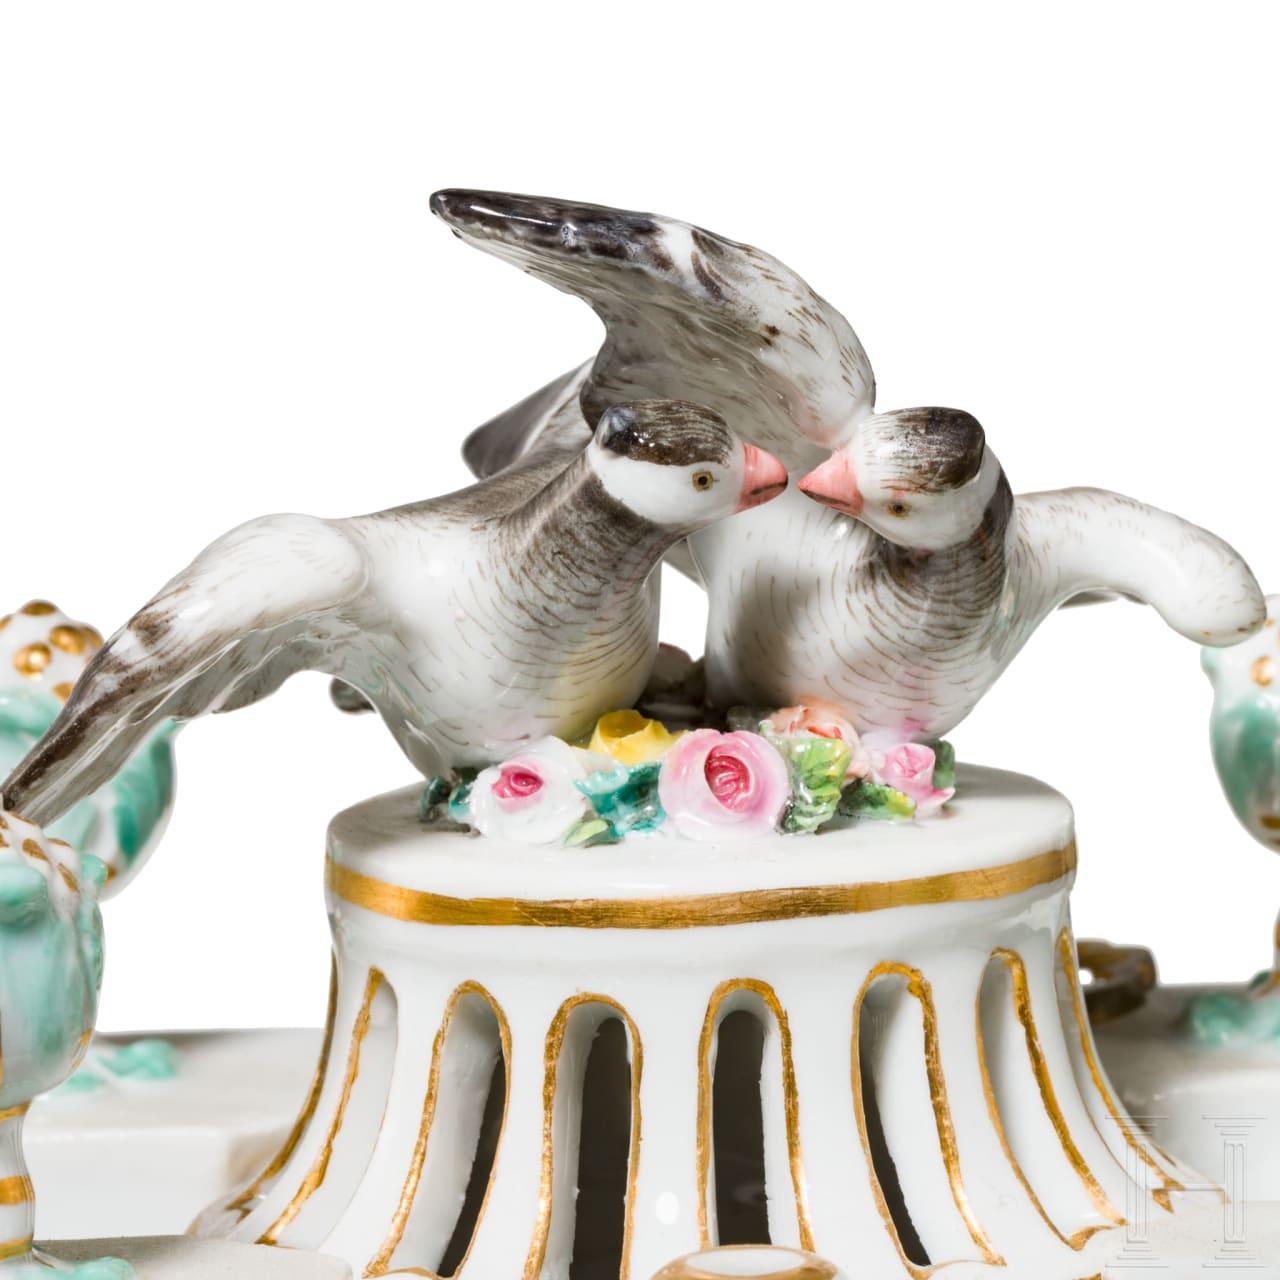 Zauberhafte Porzellan-Pendule mit Amor, Meißen, 19. Jhdt.